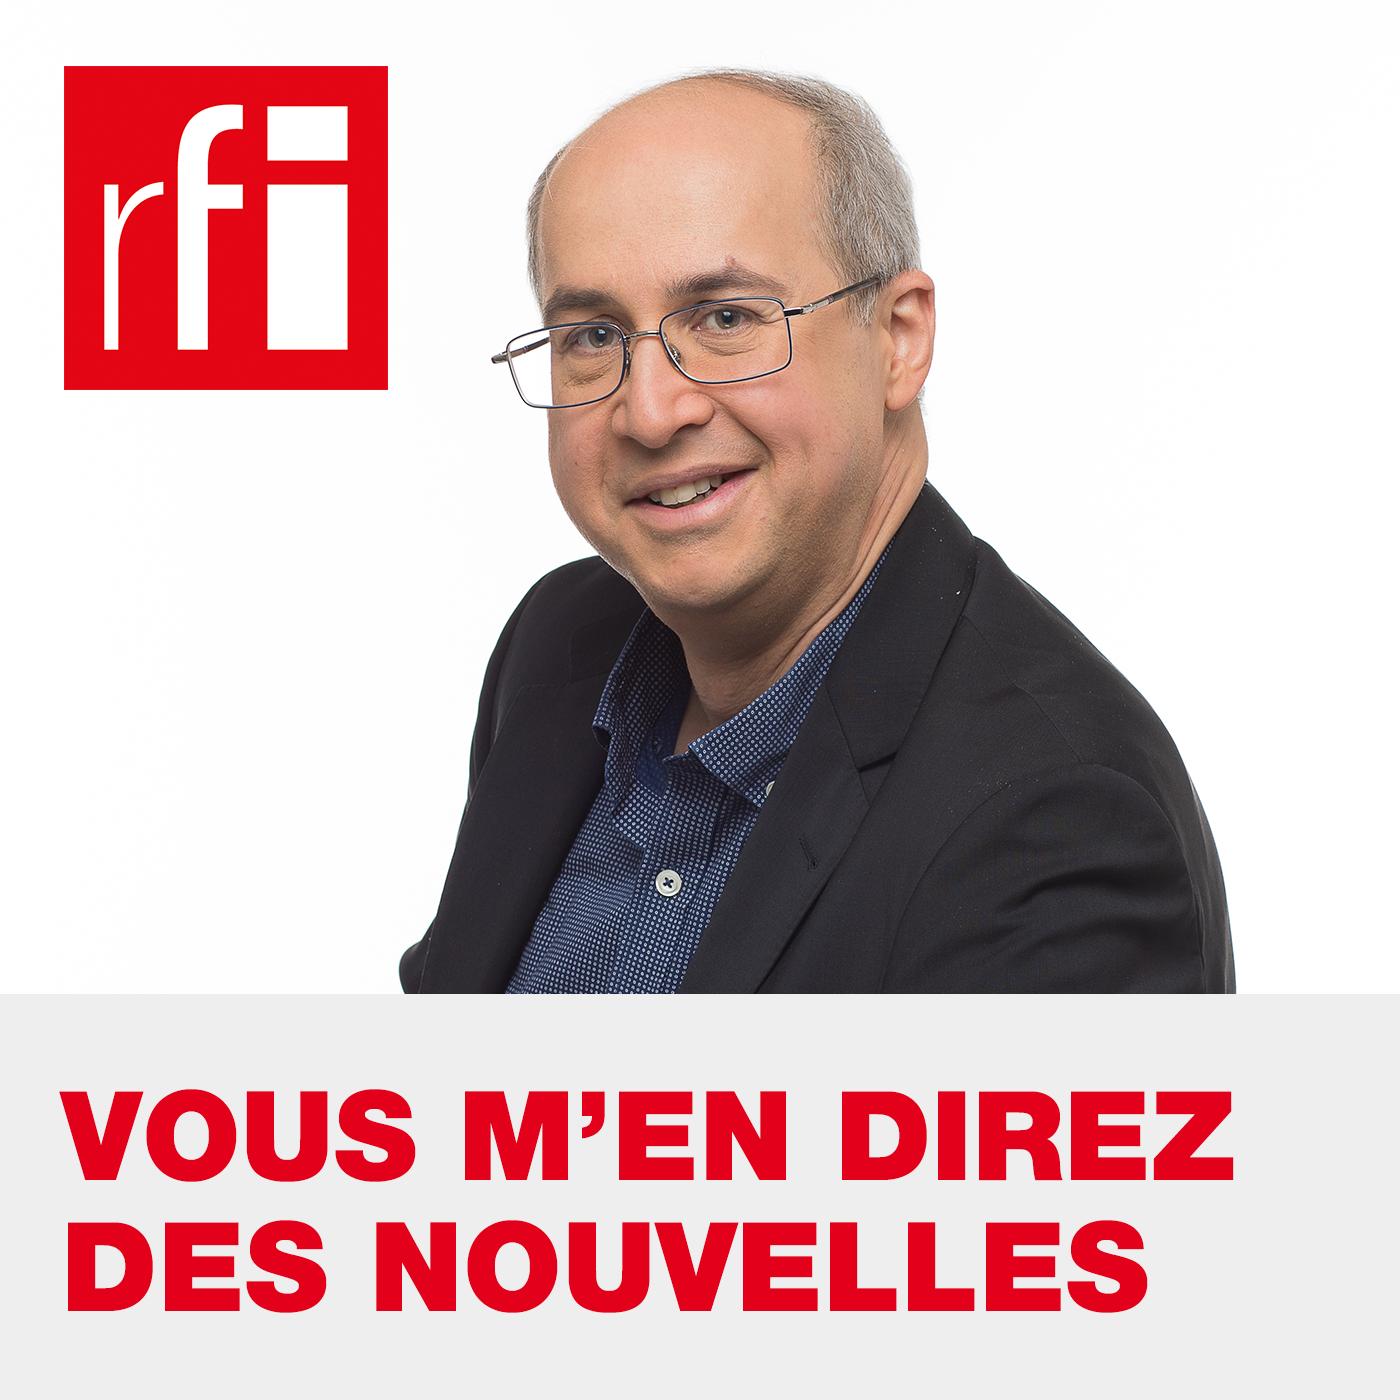 Vous m'en direz des nouvelles !:RFI